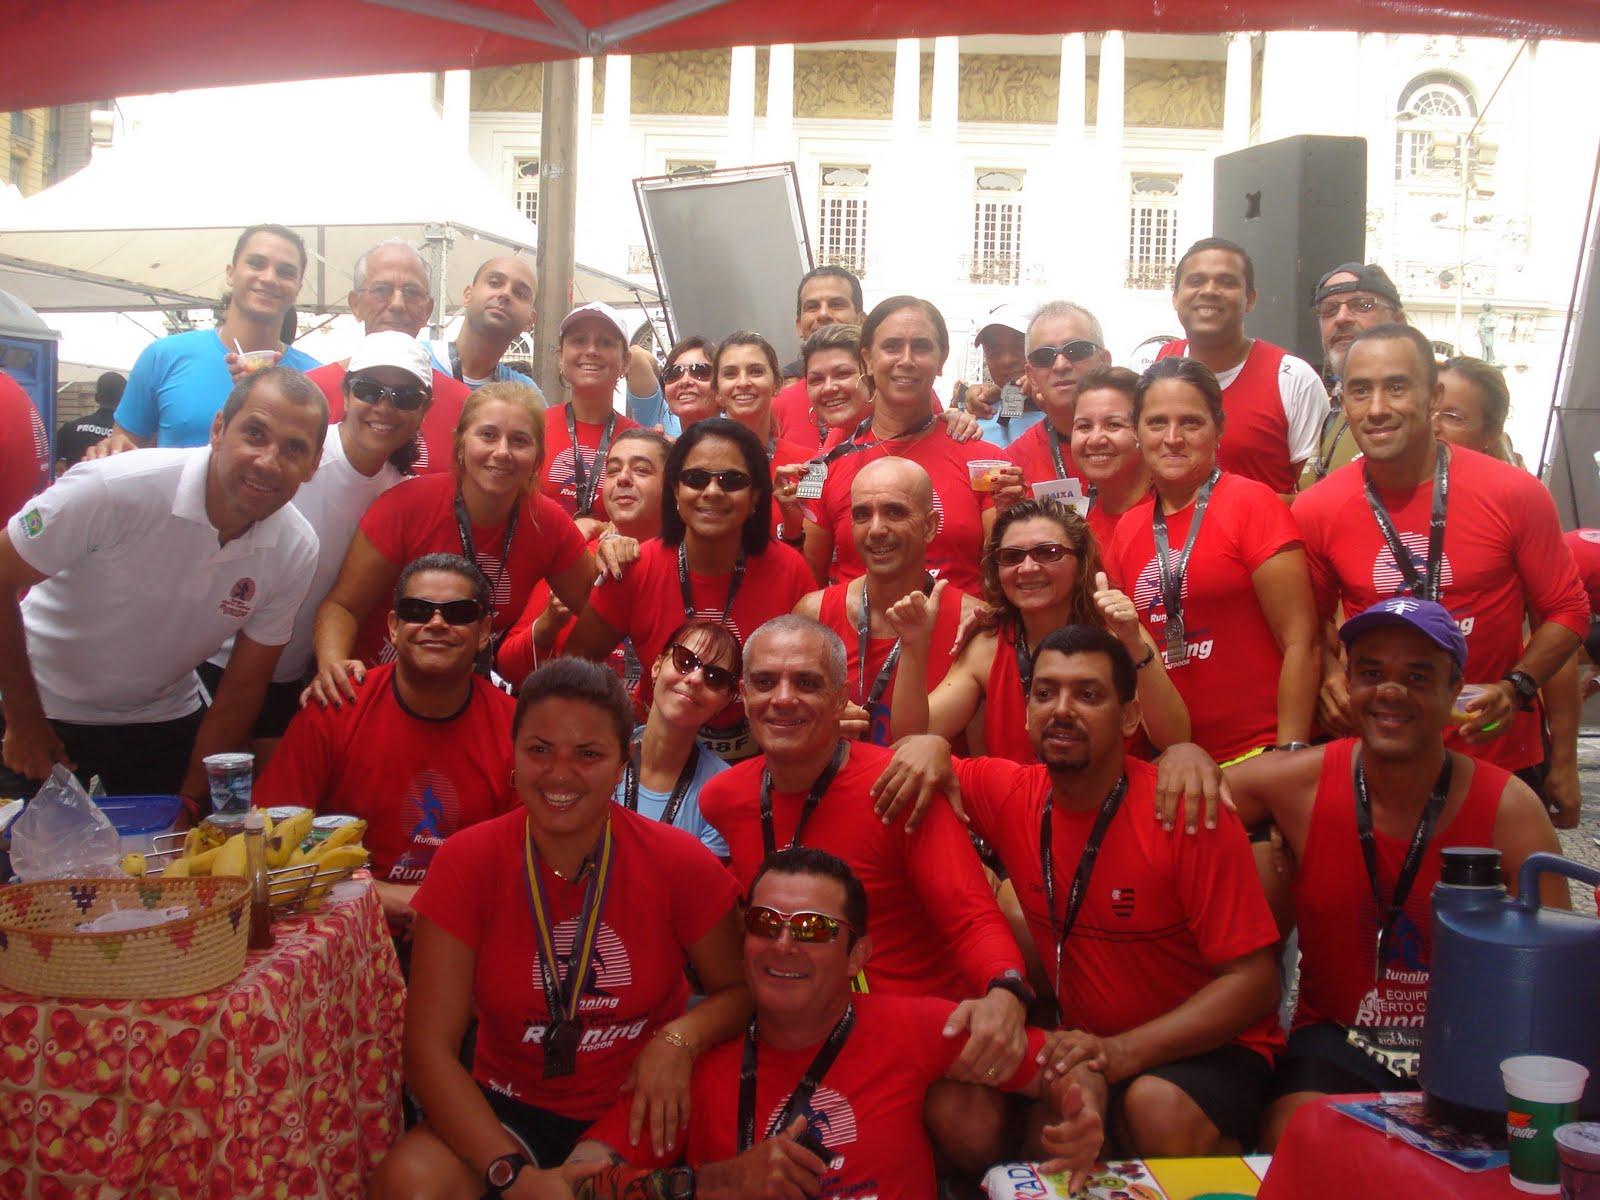 Circuito Rio Antigo : Equipe alberto campos circuito rio antigo cinel ndia